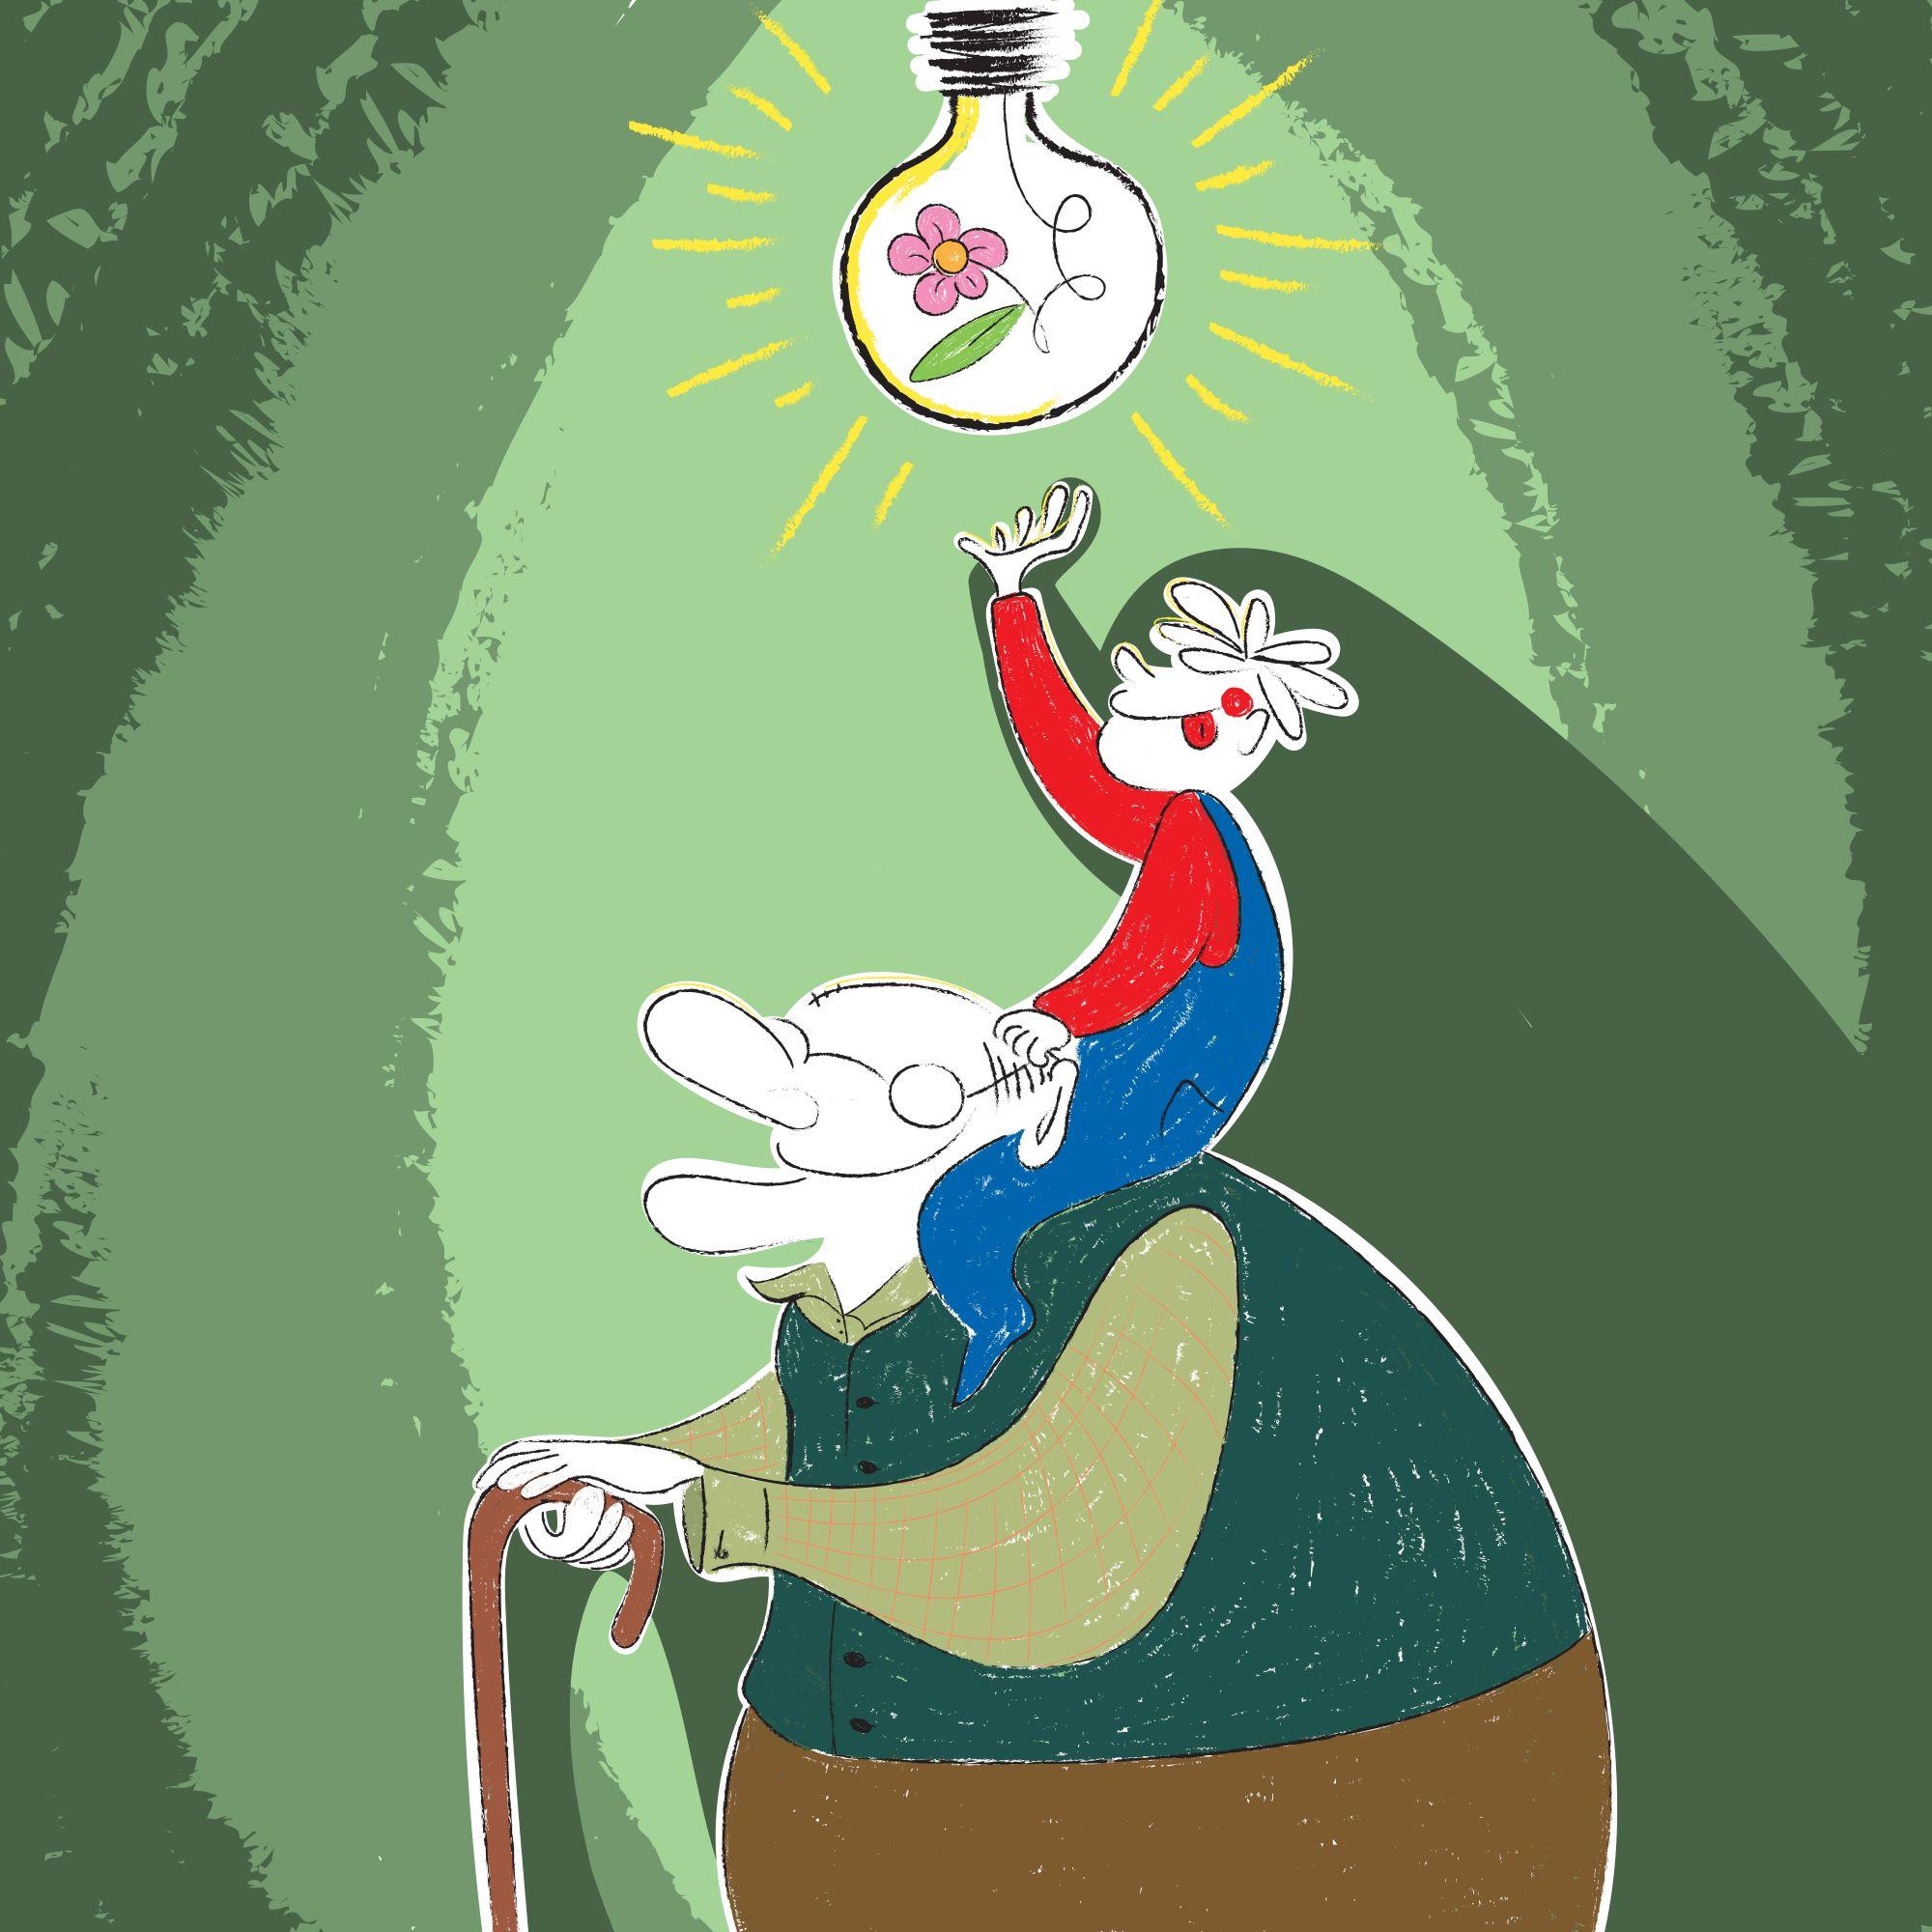 4_Obiettivi generazionali povertà energetica e salute efficienza e giustizia energetica